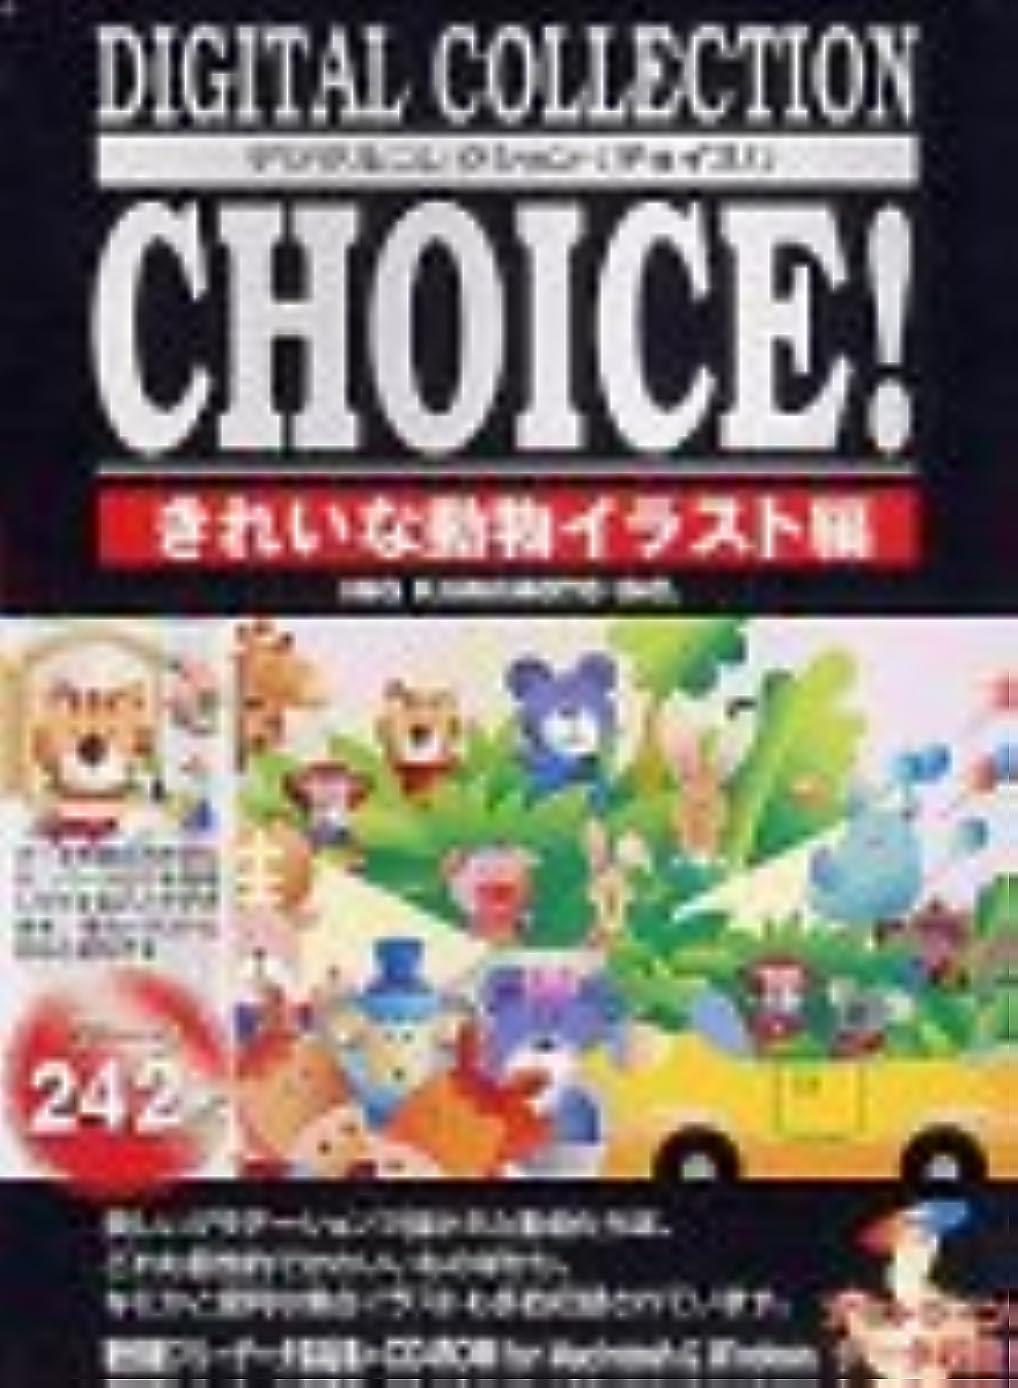 Digital Collection Choice! No.09 きれいな動物イラスト編